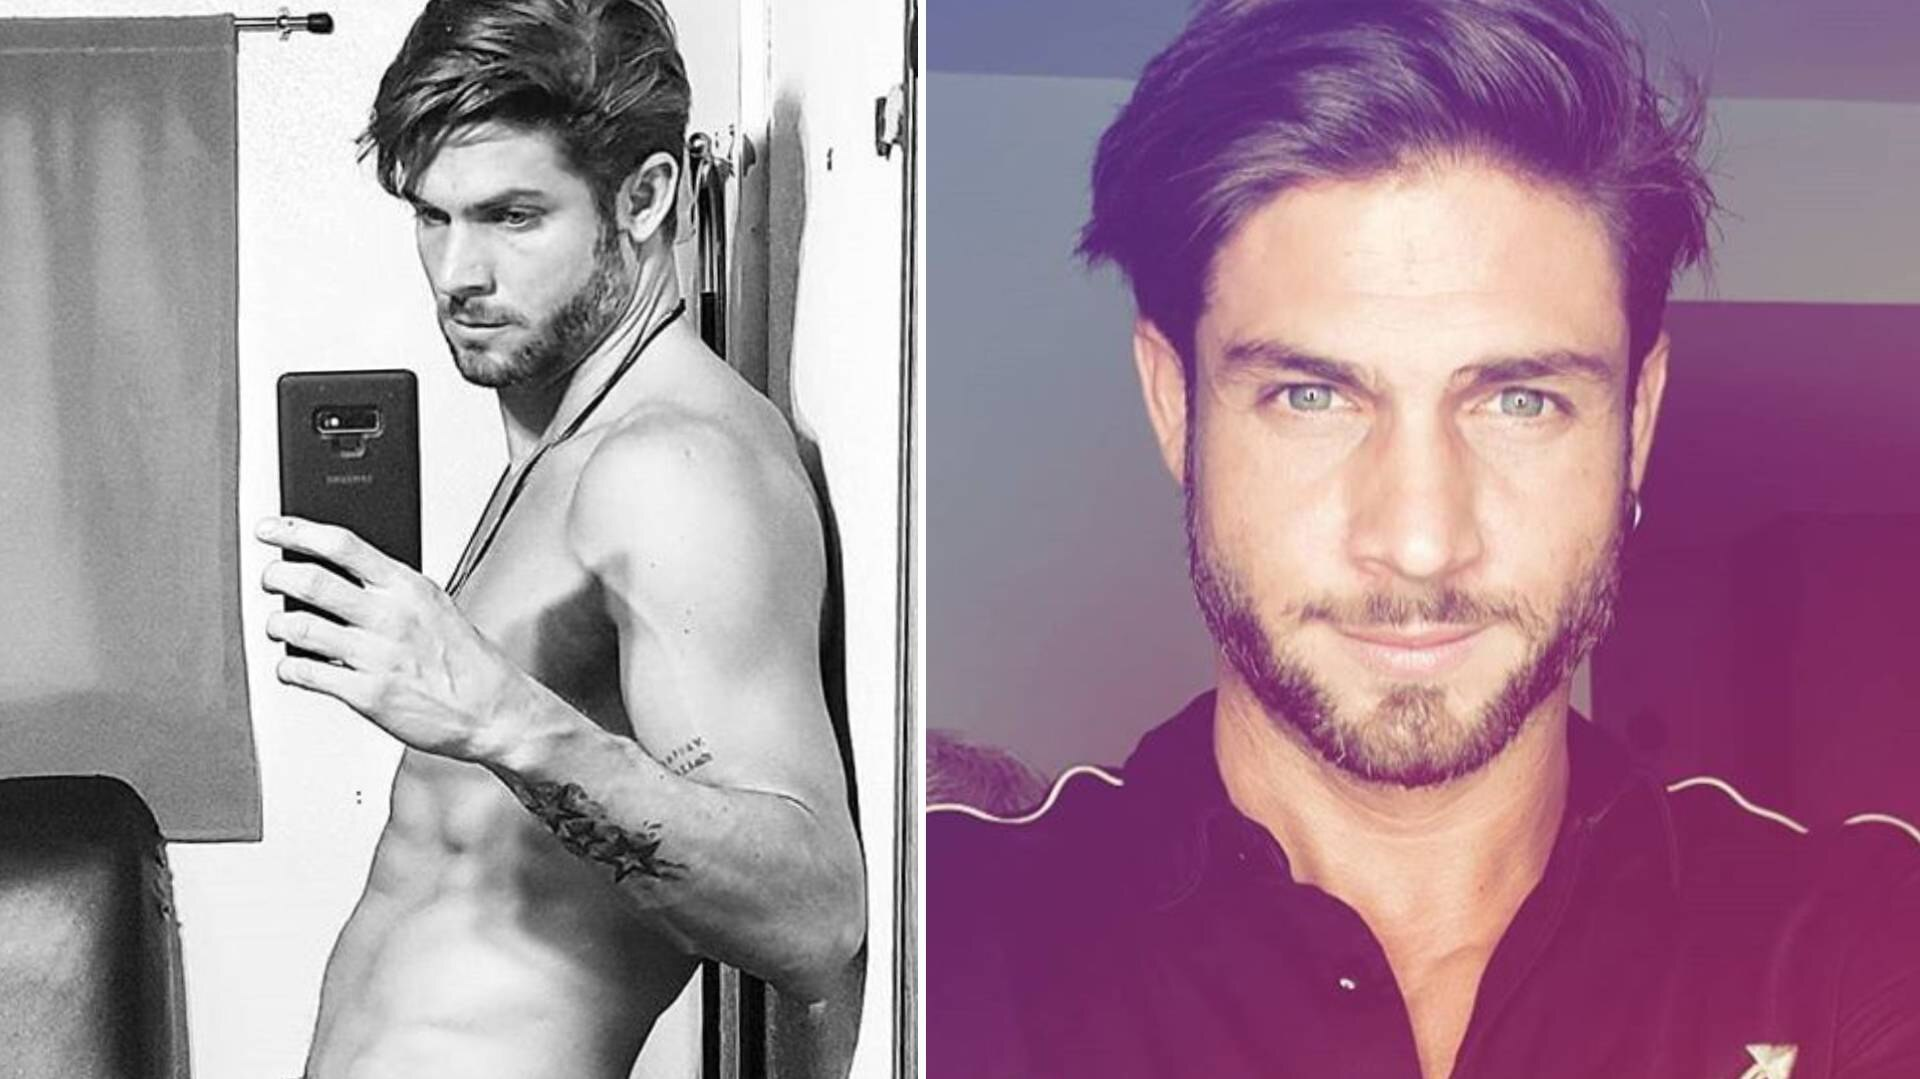 Actores Argentinos Porno Gay se filtró un video íntimo del actor argentino horacio